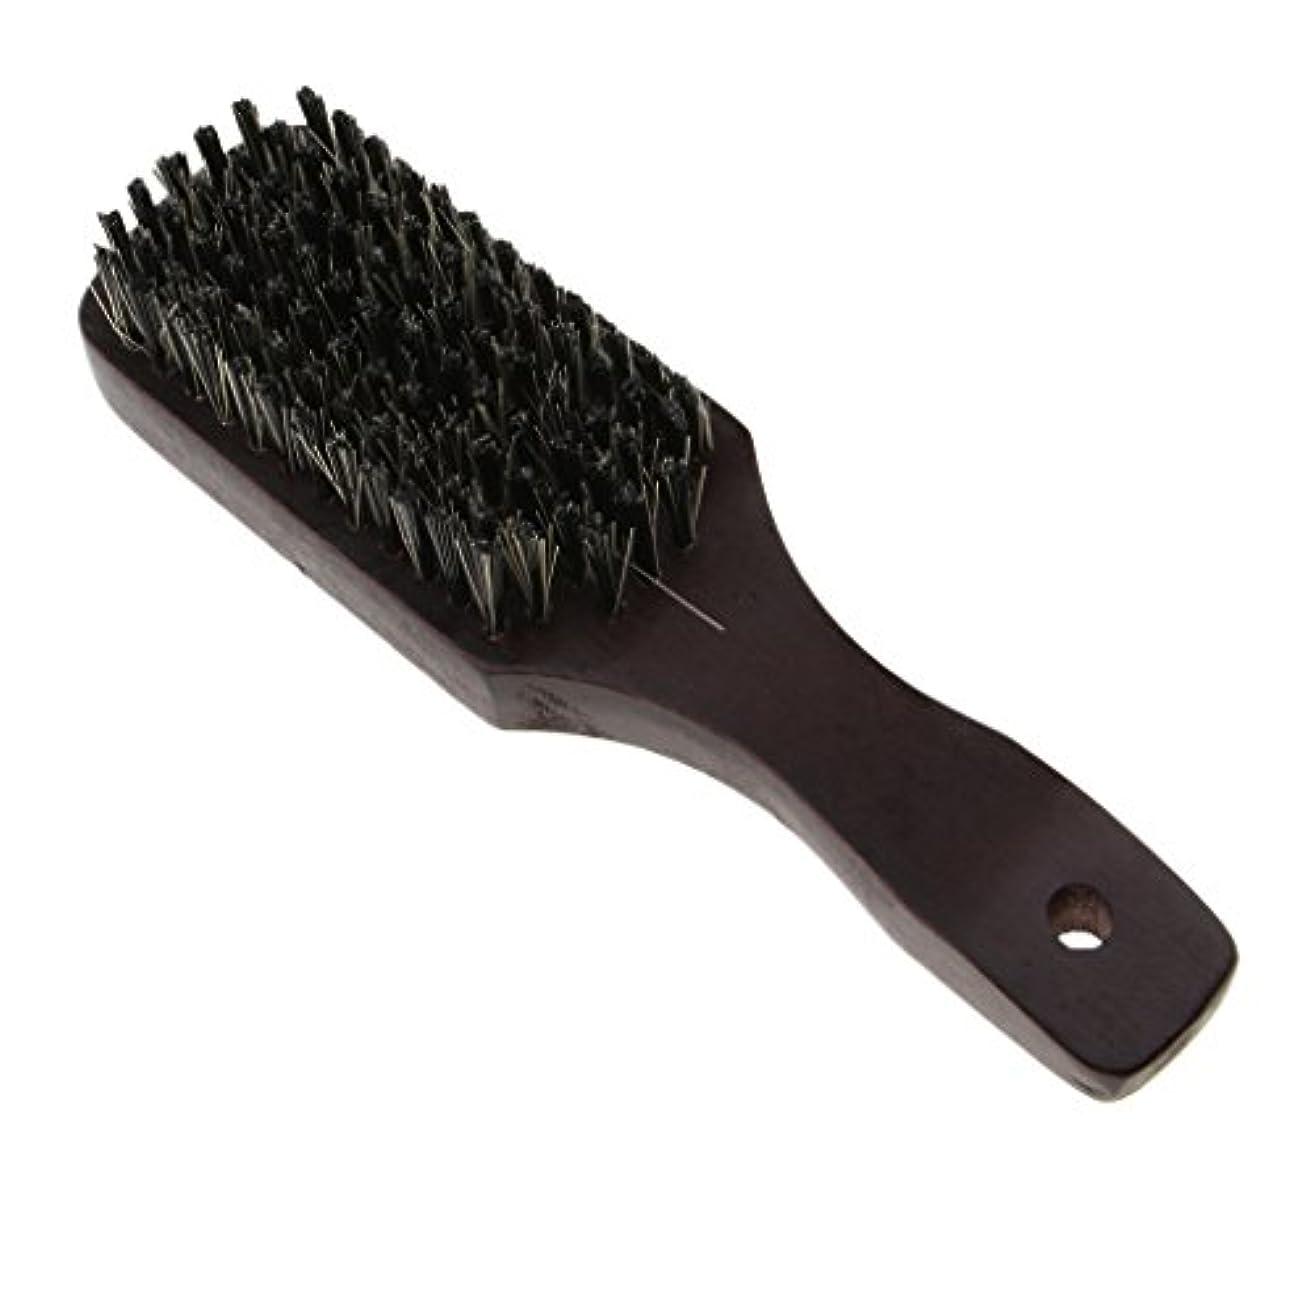 加速度征服する破壊するナチュラルビアブラシ 男性 剛毛ブラシ ひげ 口ひげ 木製櫛